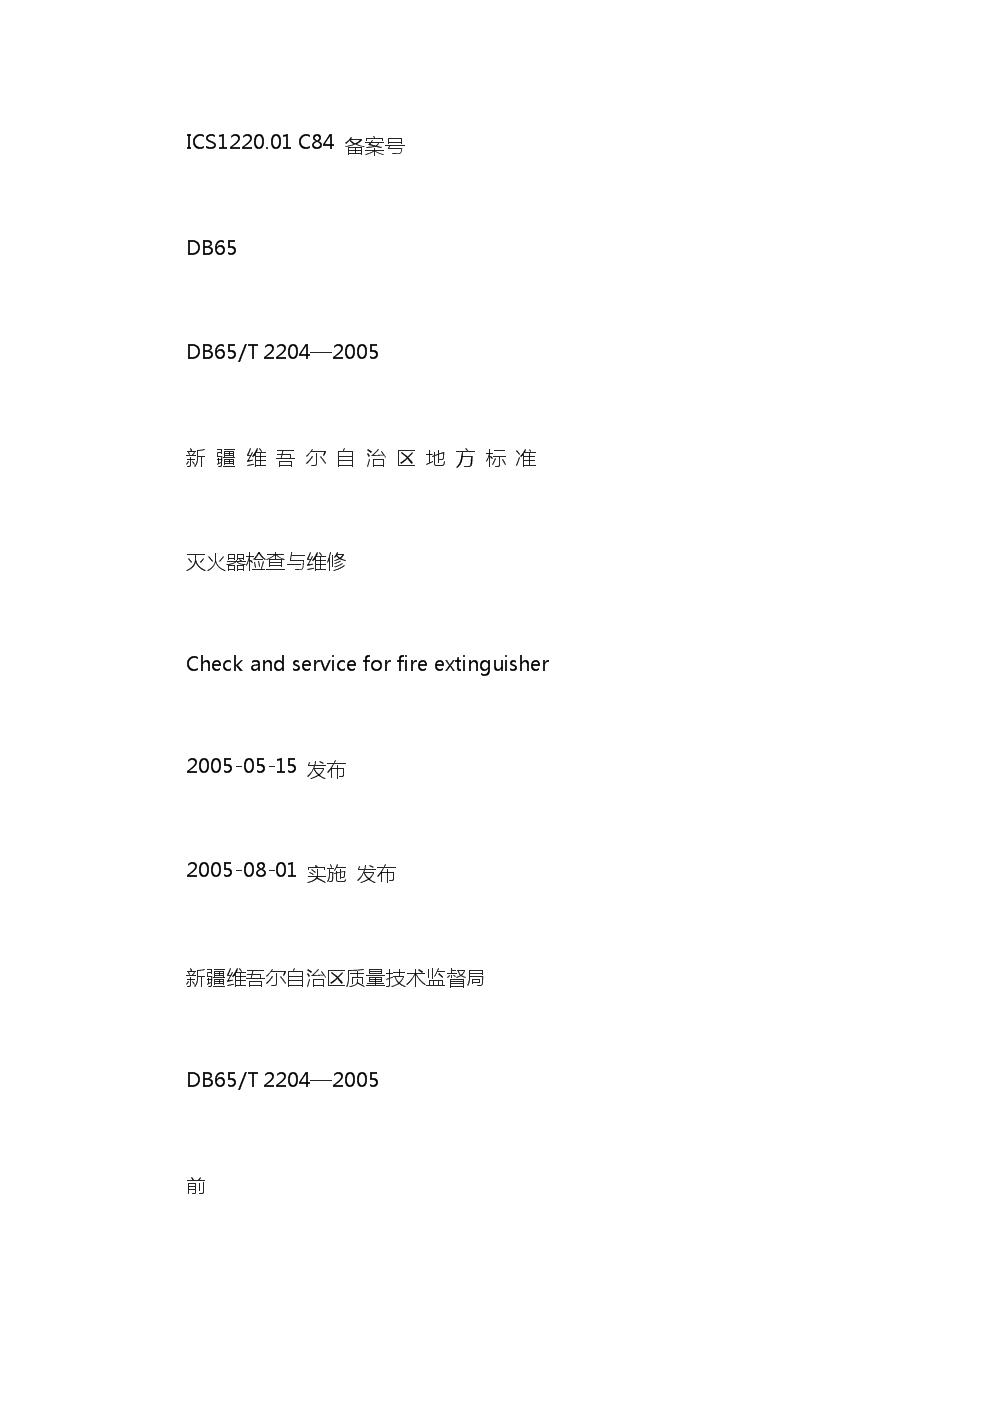 灭火器季度检查和维修内容【灭火器的检查与维修】.DOC